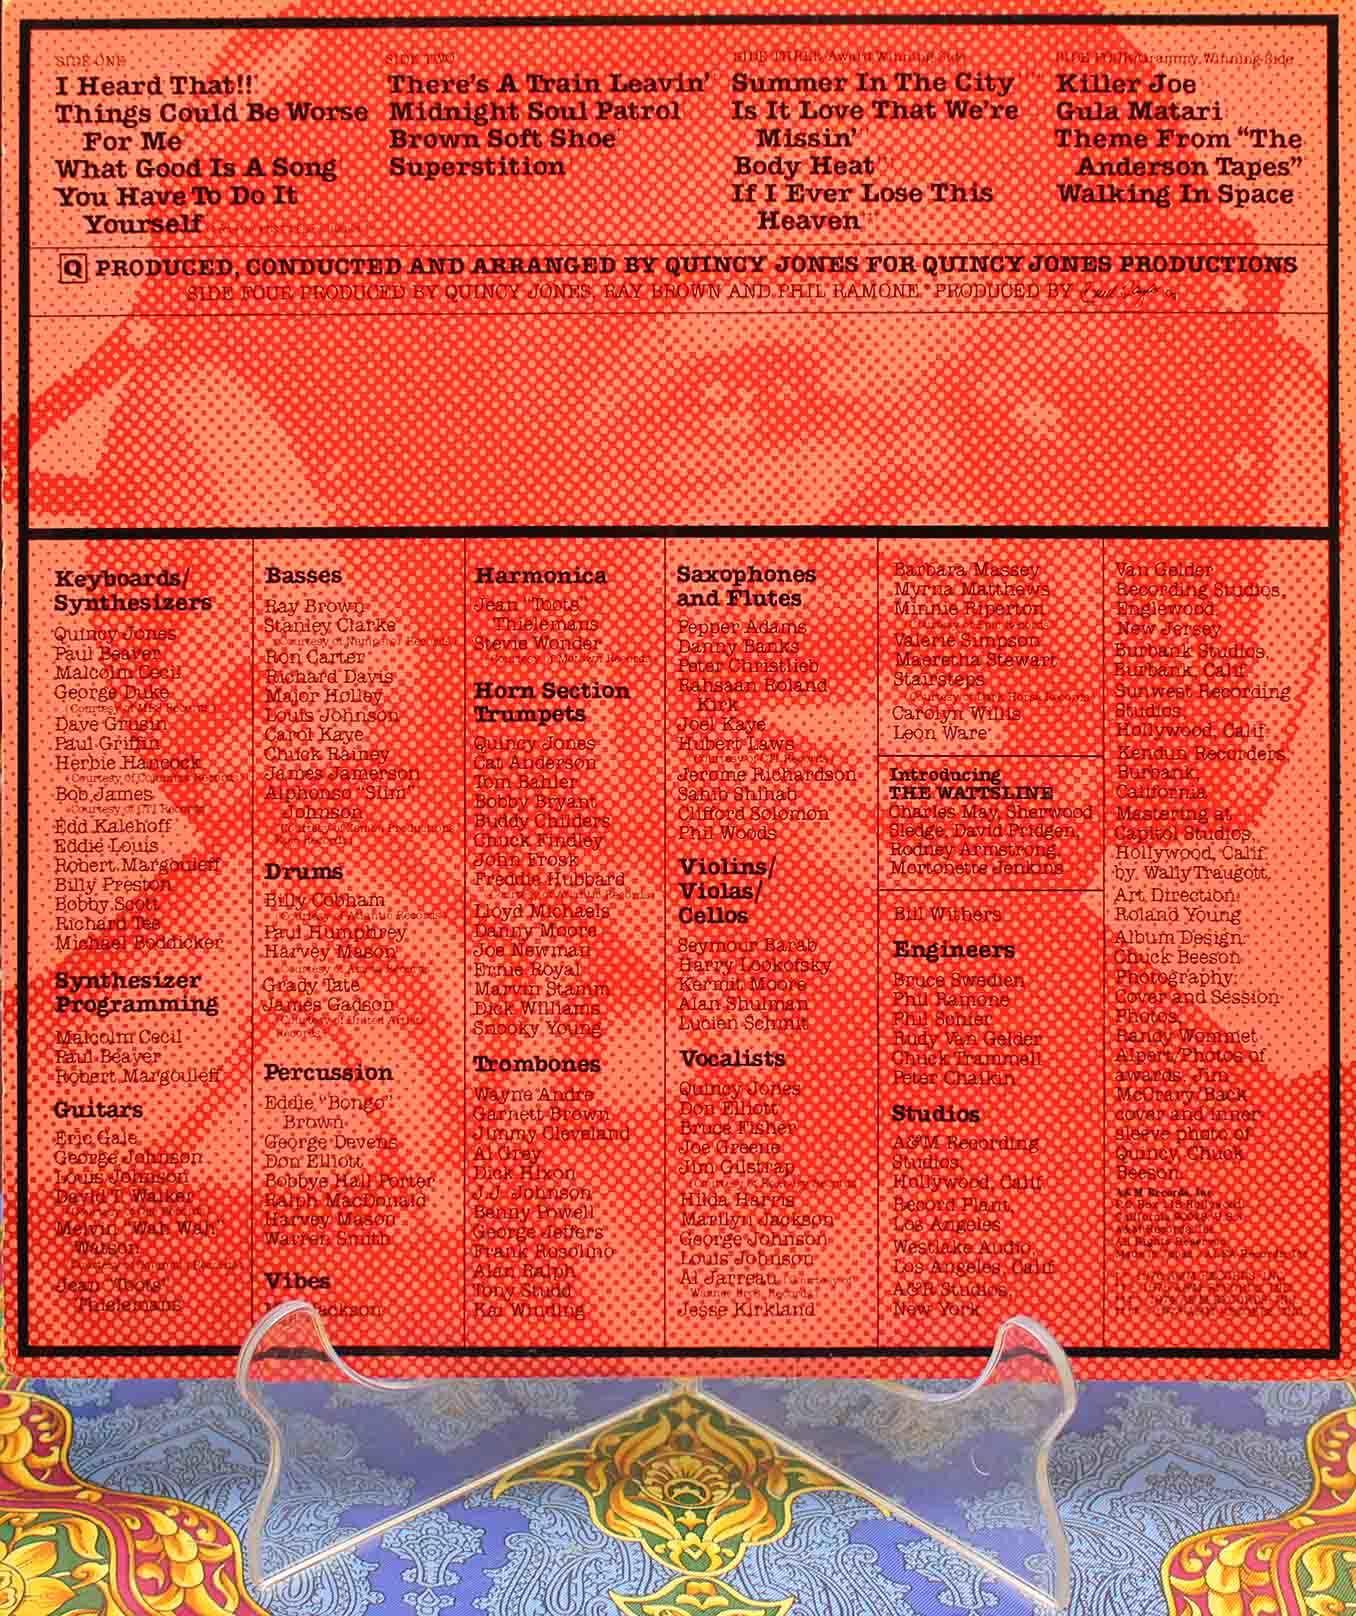 Quincy Jones – I Heard That 02